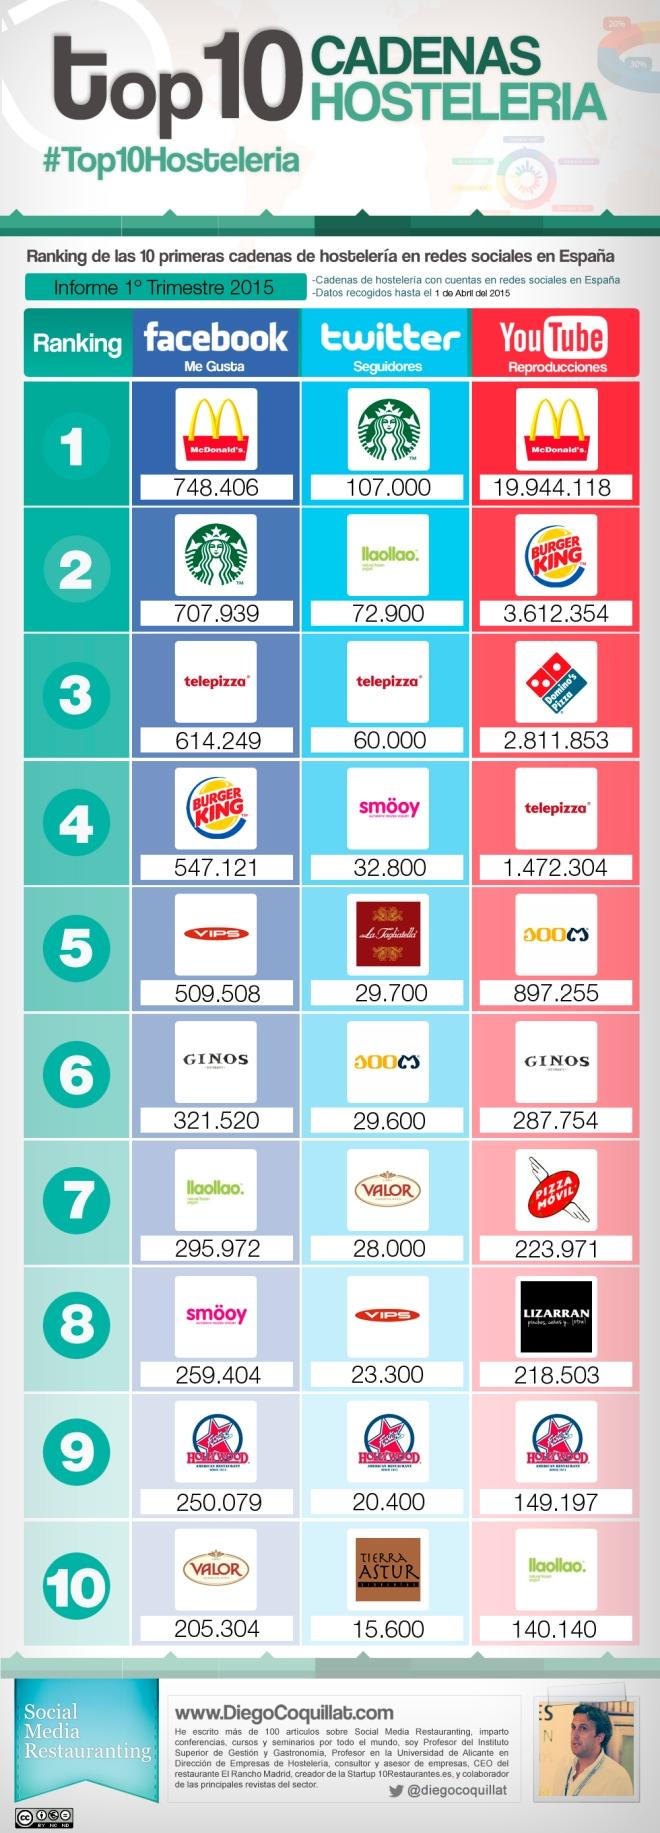 Top 10 cadenas hostelería en Redes Sociales (España 1T/2015)